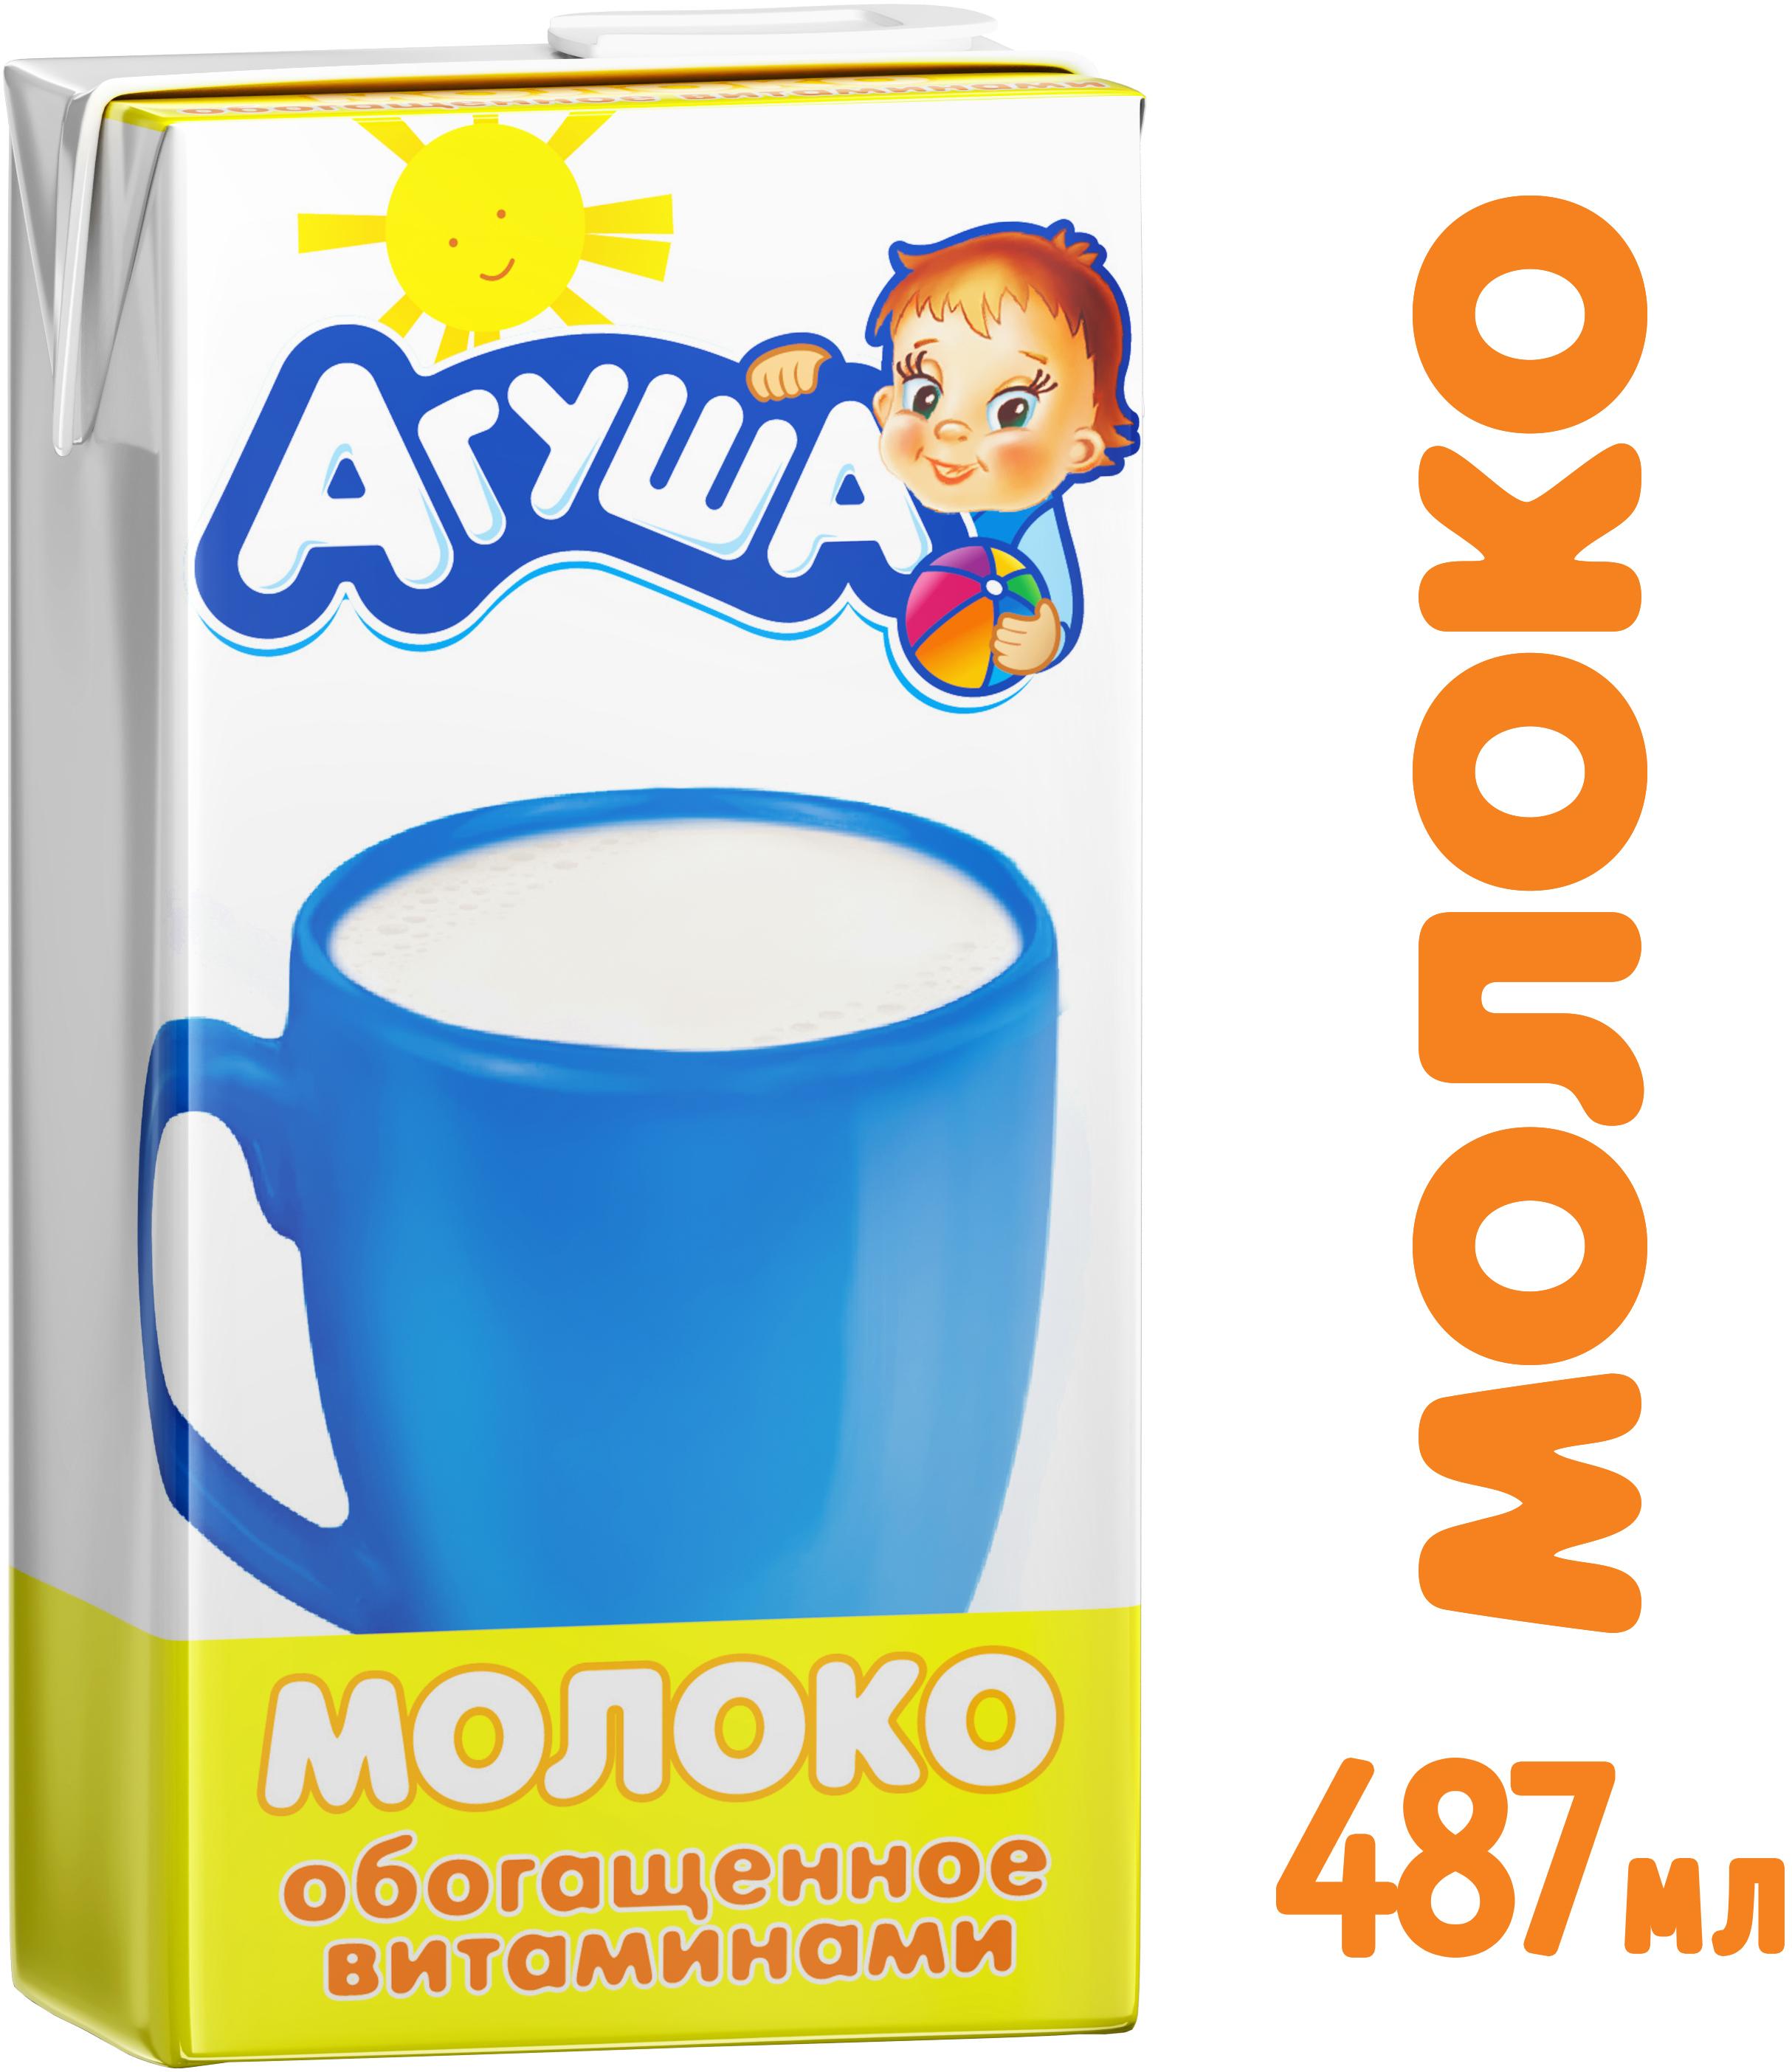 Молоко Вимм-Билль-Данн Агуша с витаминами 3,2% с 3 лет 487 мл